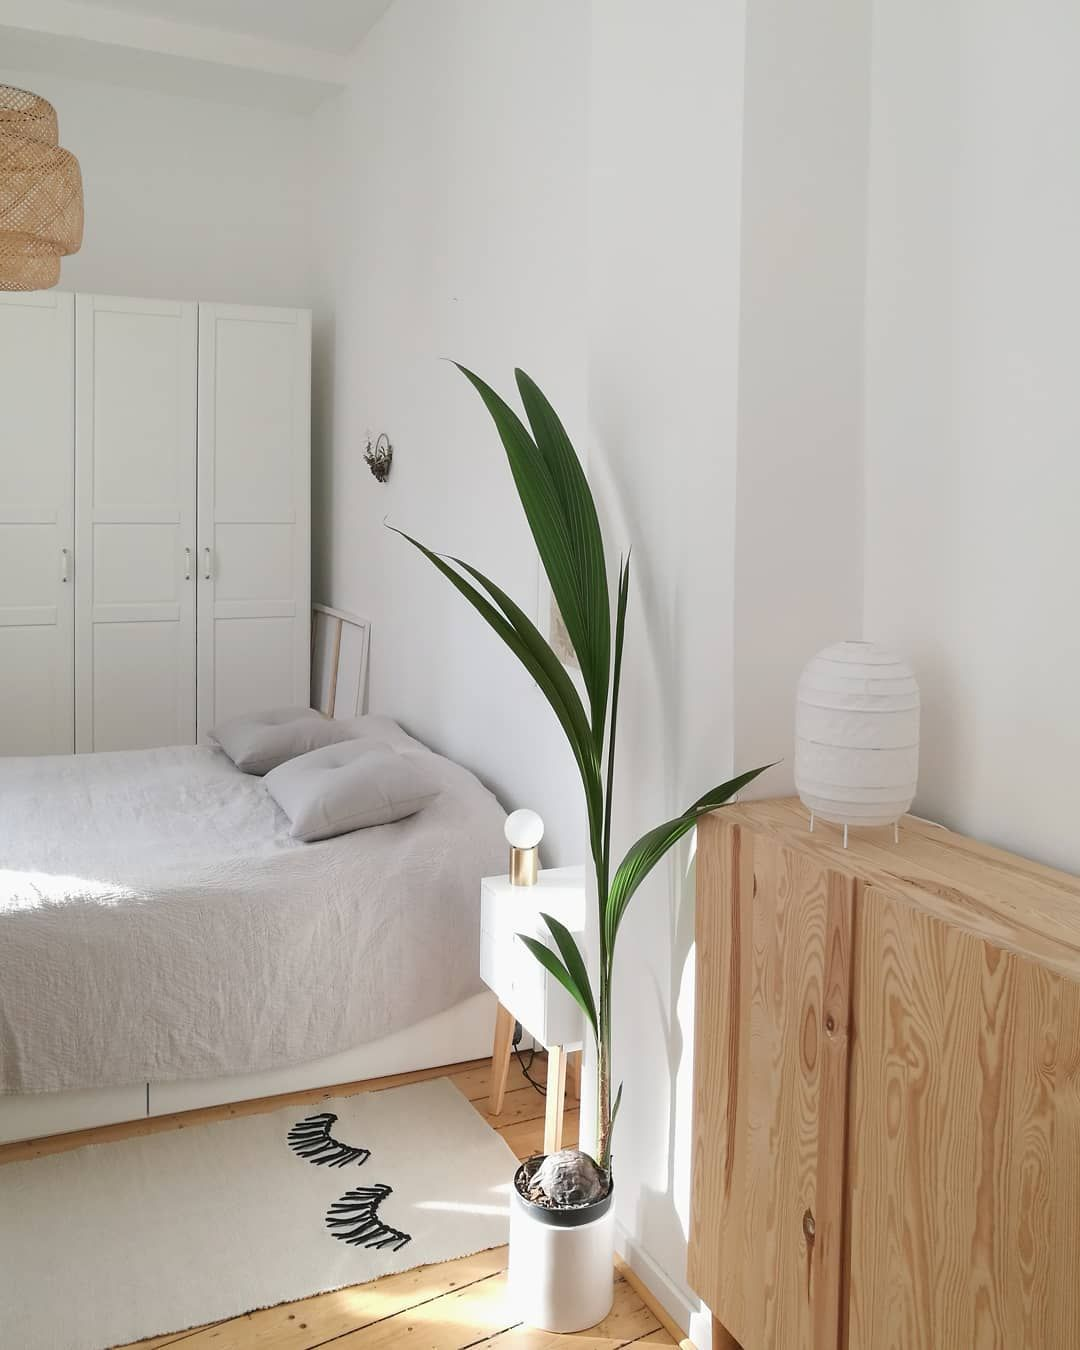 Die Palme Ist Vom Wohnzimmer Ins Schlafzimmer Gewandert Mybdrm Bedroom Schlafzimmer Palme Kokosnusspalme So Wohnzimmer Zimmer Inneneinrichtung